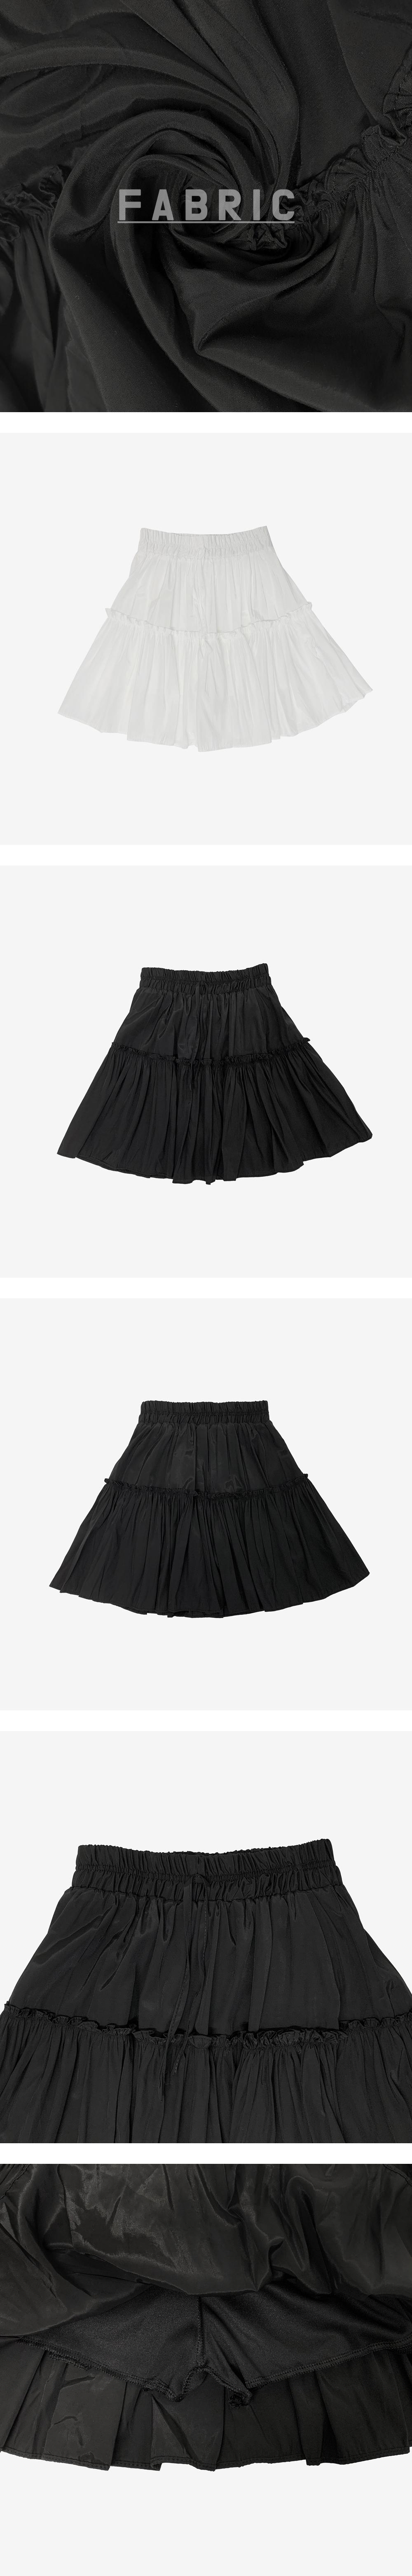 Bonafril Mini Skirt Ver.2